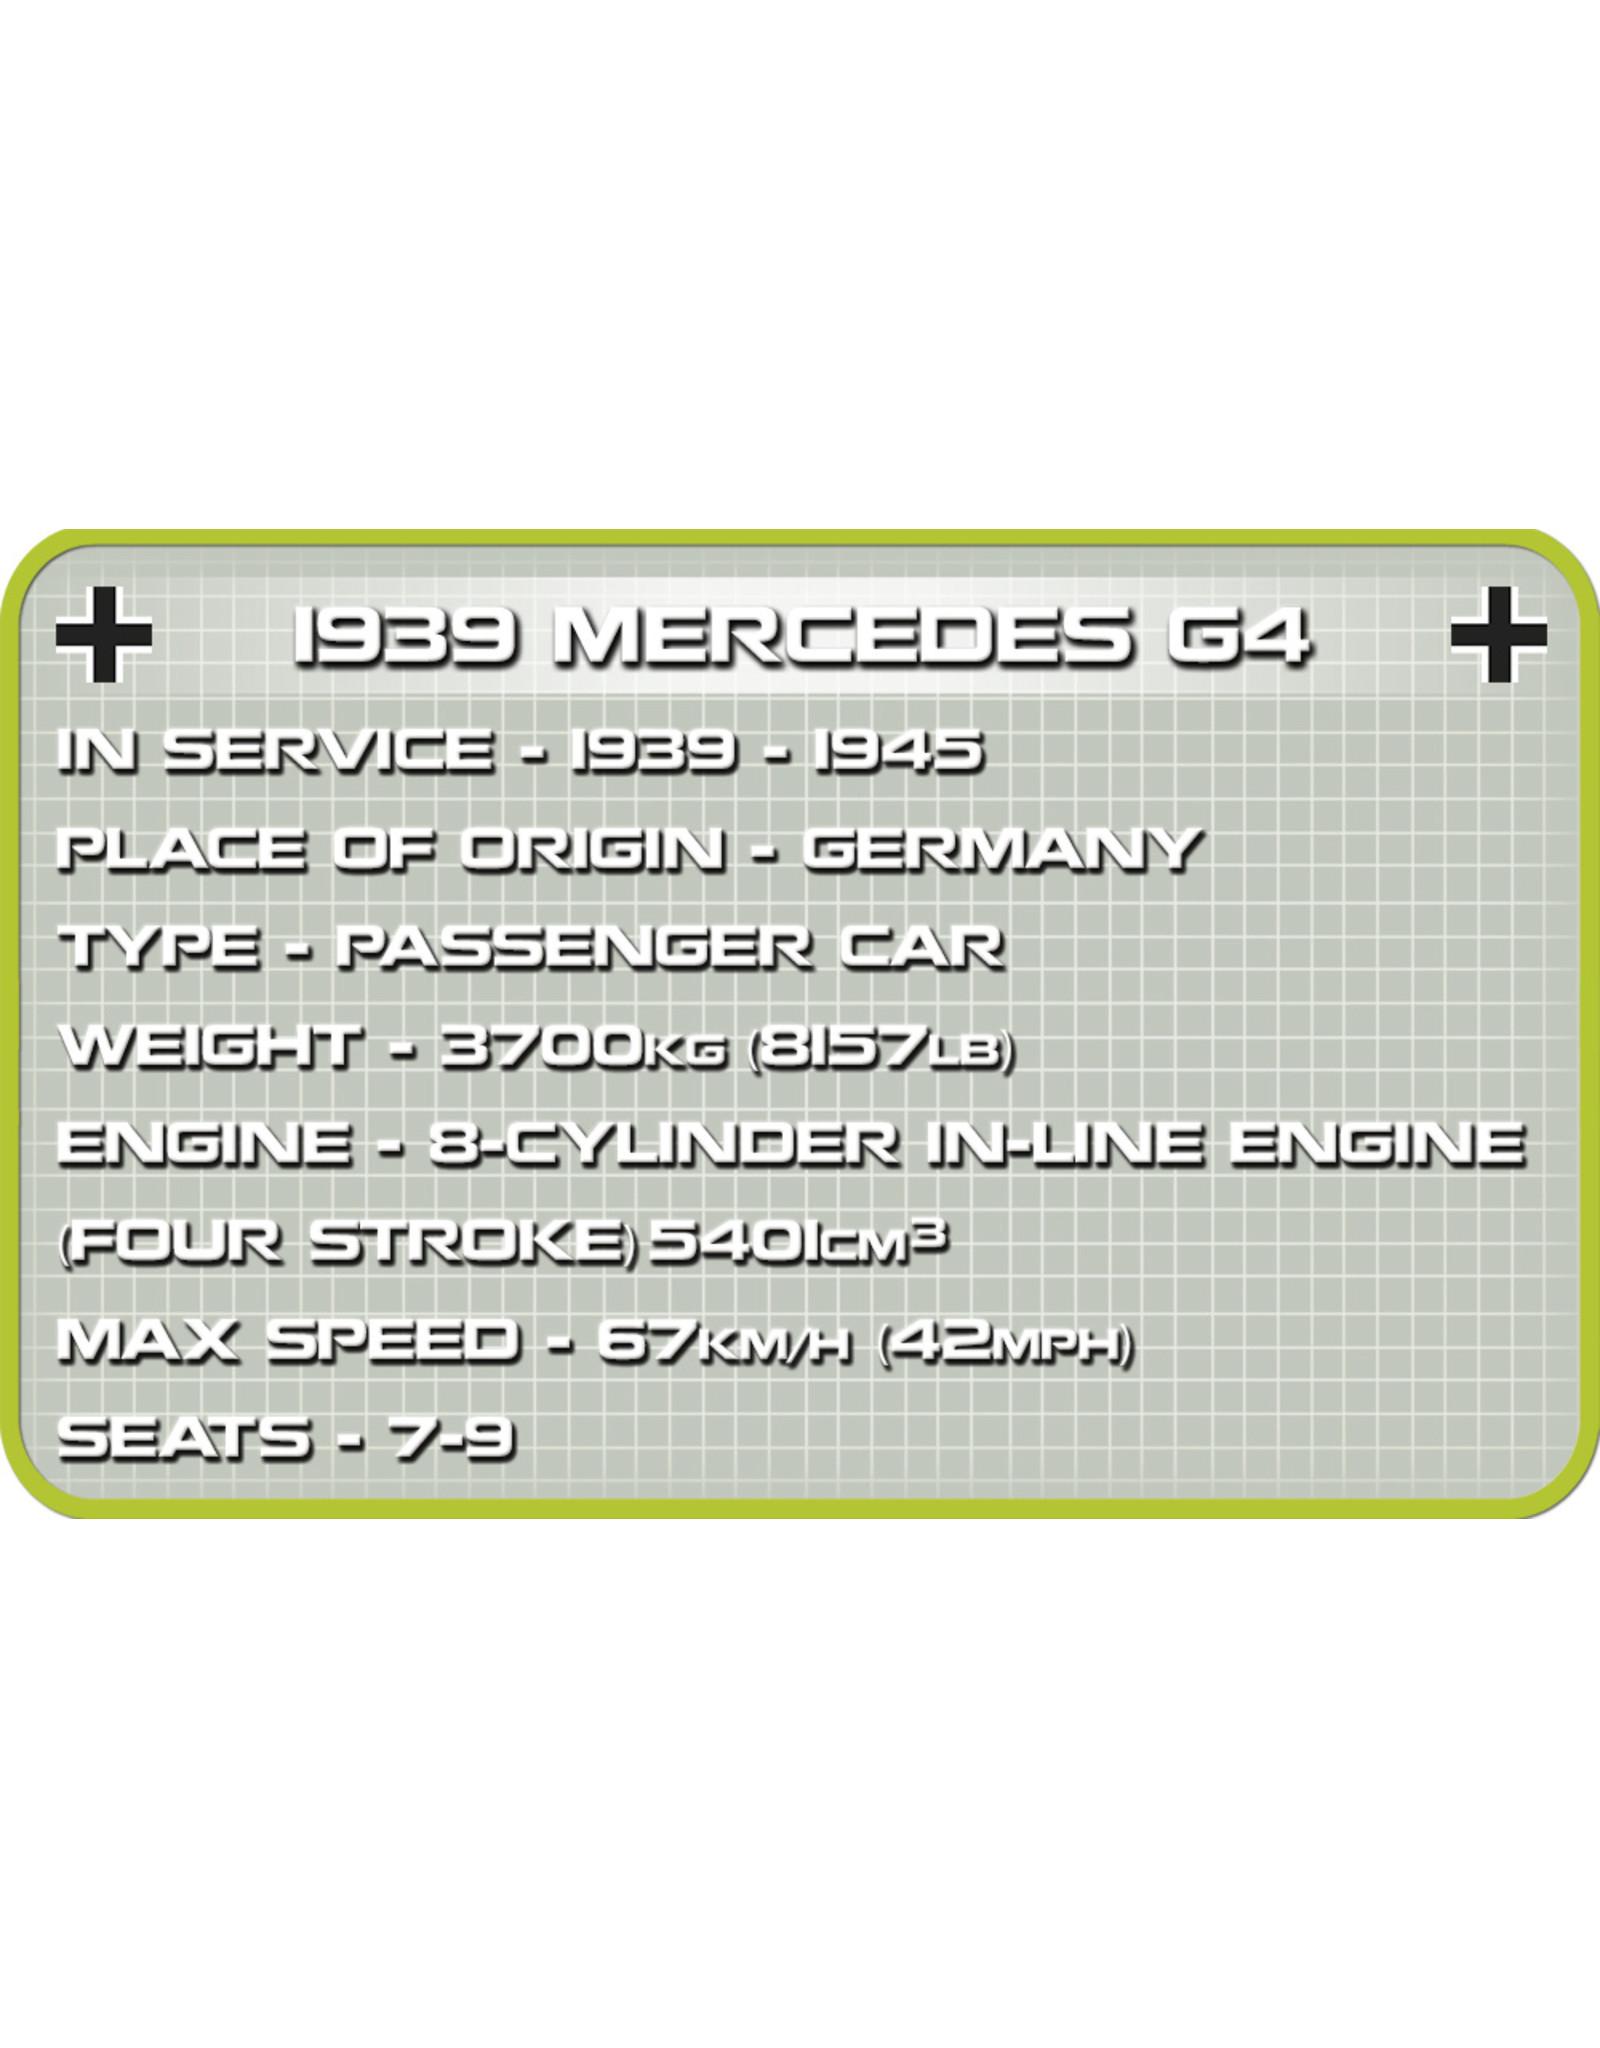 COBI COBI  2409 - Mercedes G4